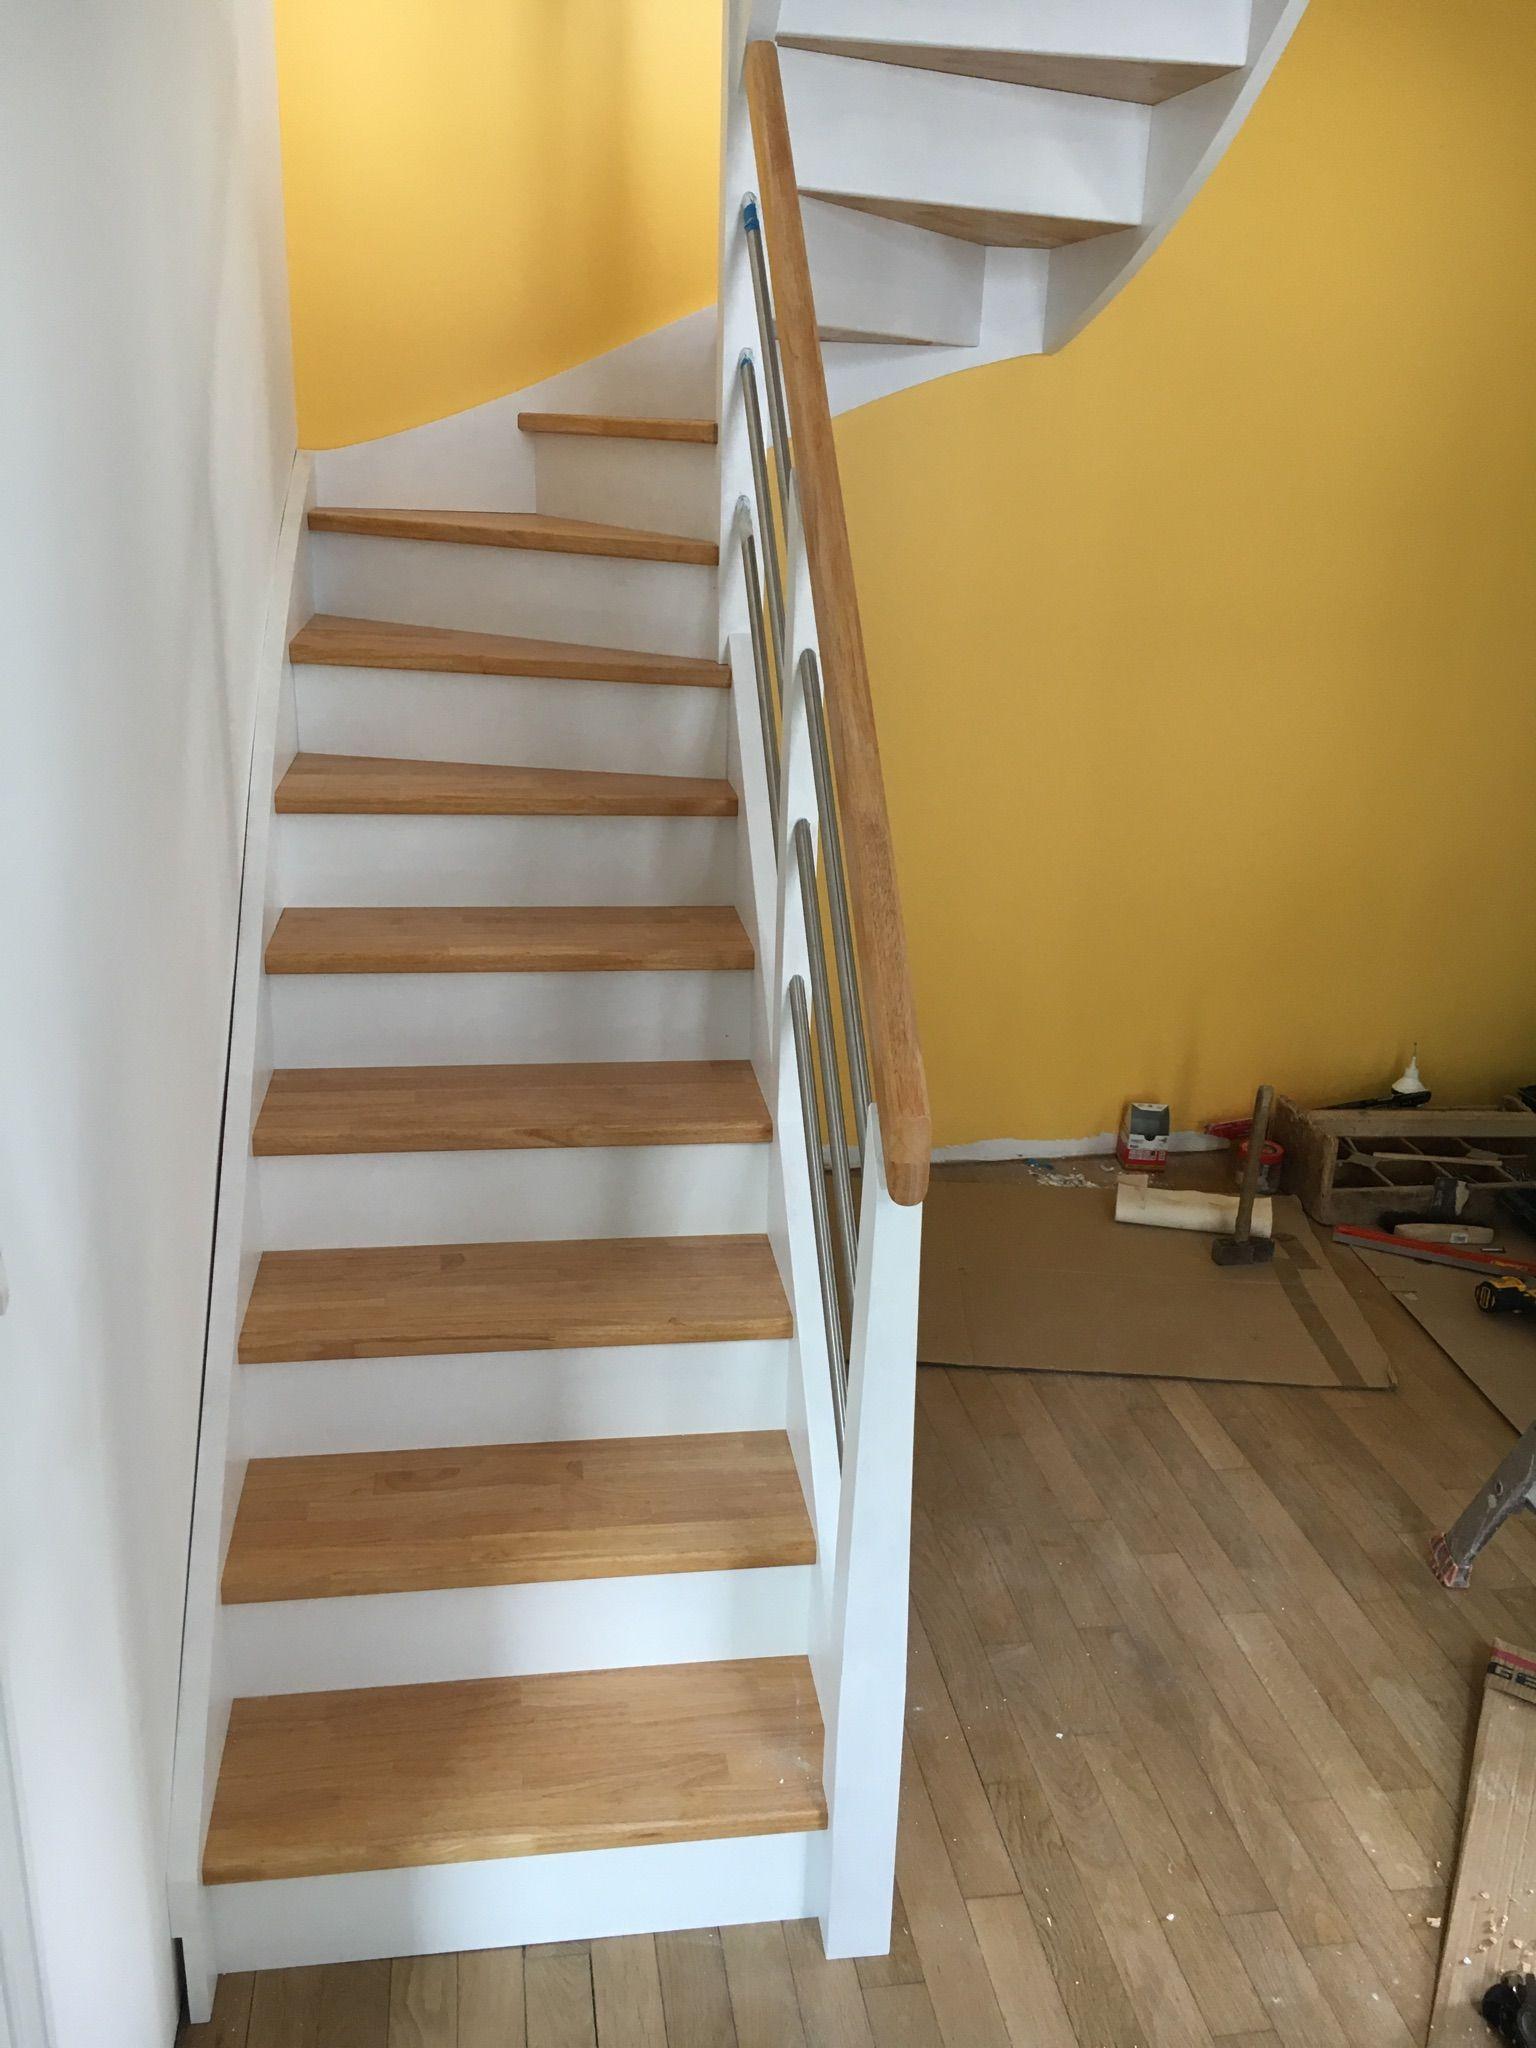 Escalier Deco Peint En Blanc Marches Et Rambarde En Bois Vernis